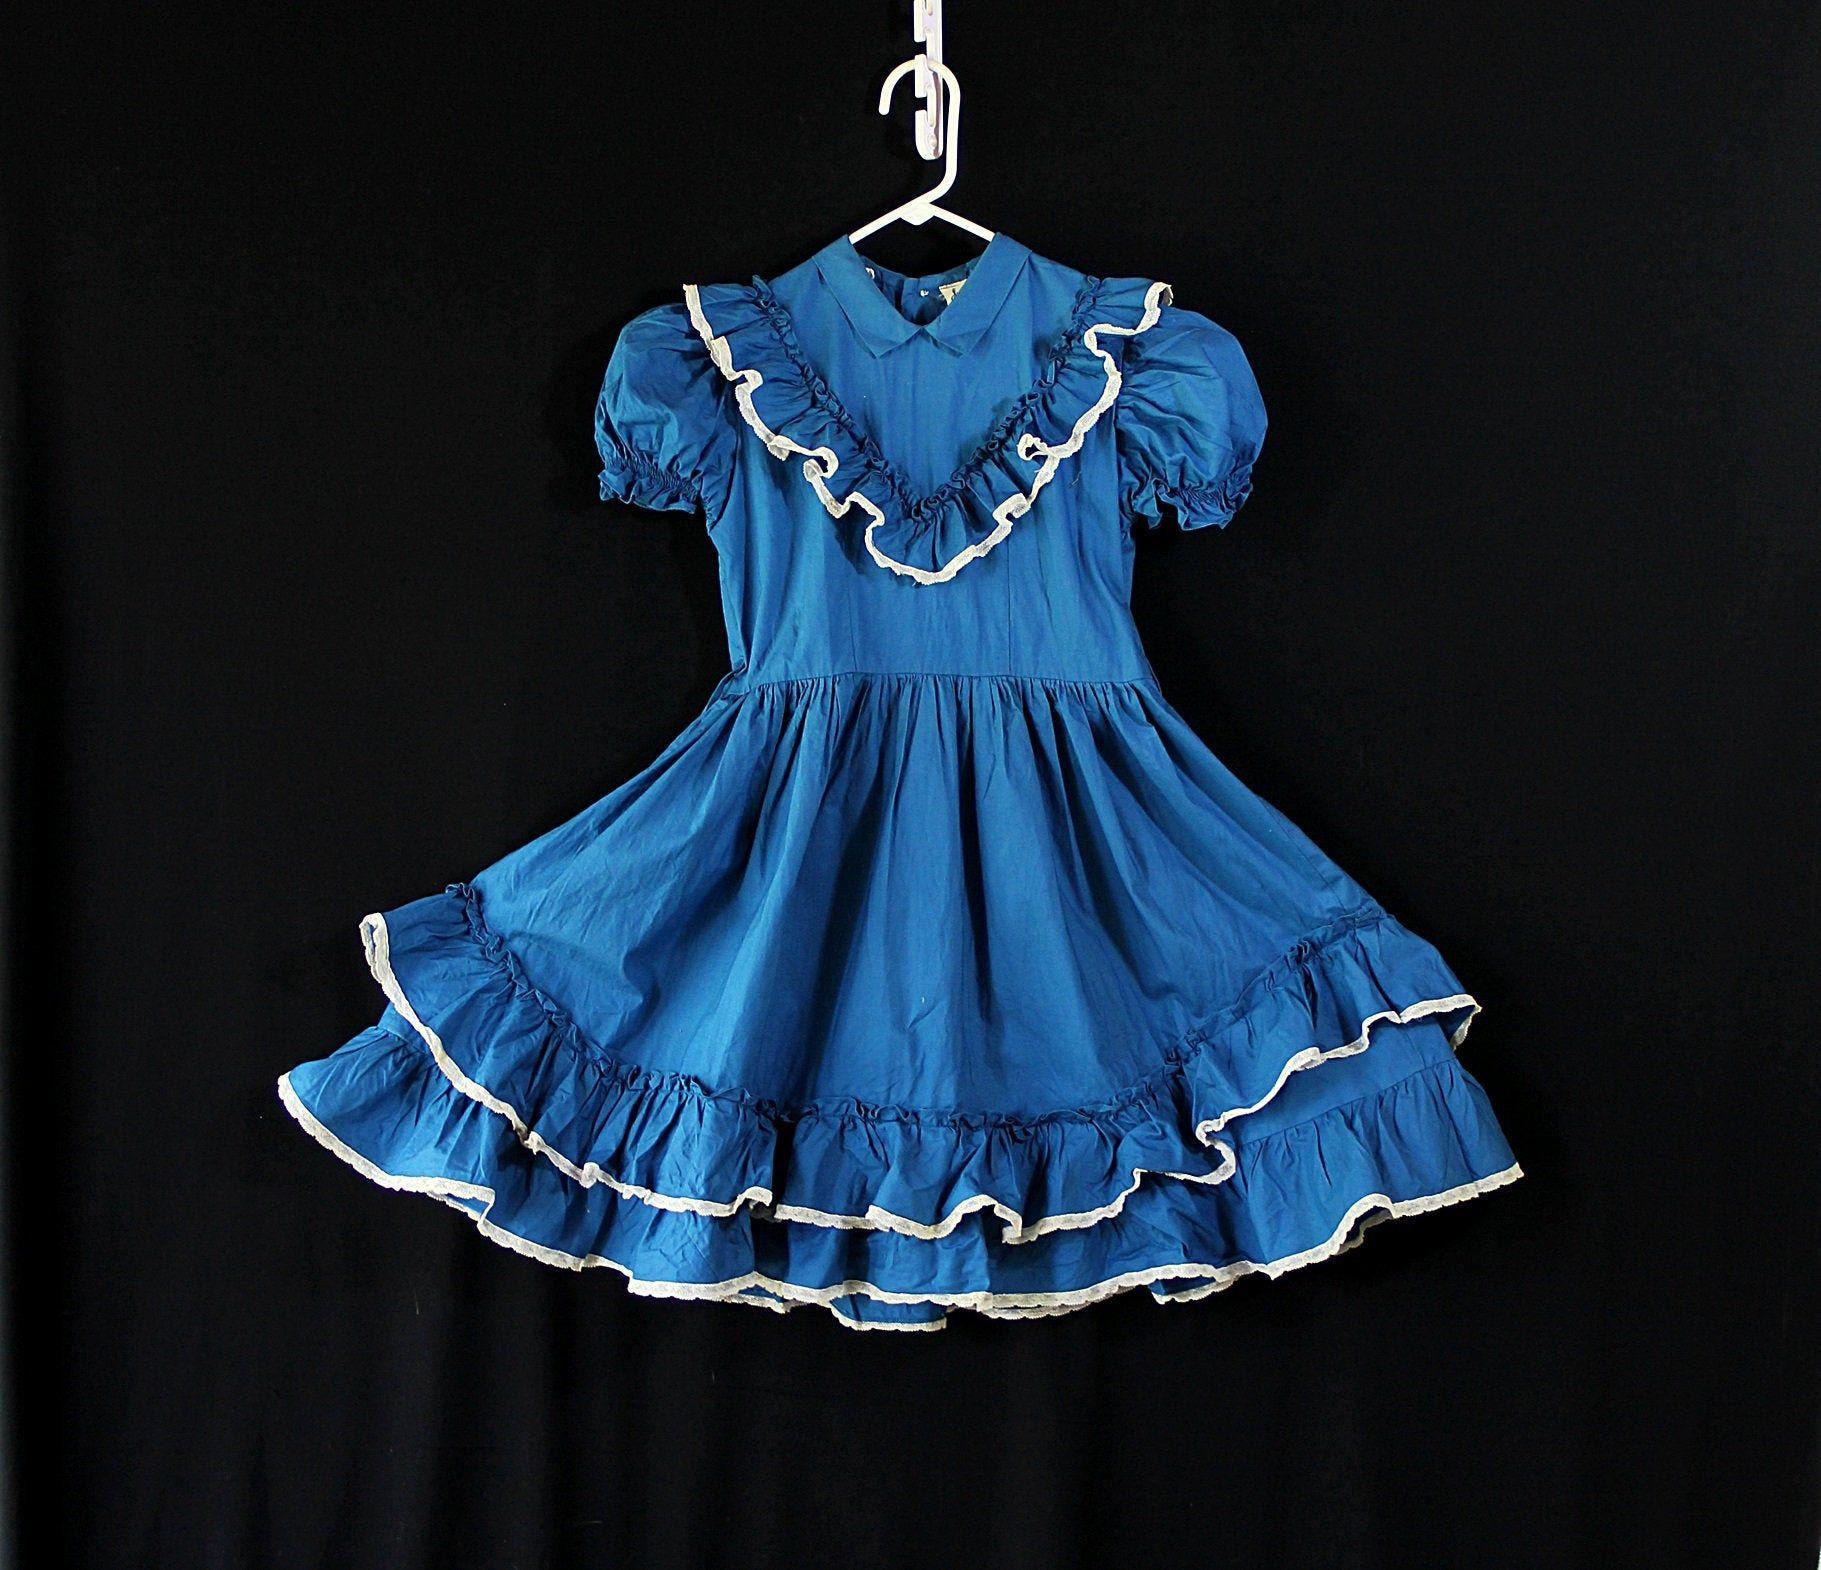 1910s Dress Antique Edwardian 1900s Cotton Ruffled Dress Etsy 1910s Fashion Dresses Cotton Gowns [ 1213 x 794 Pixel ]